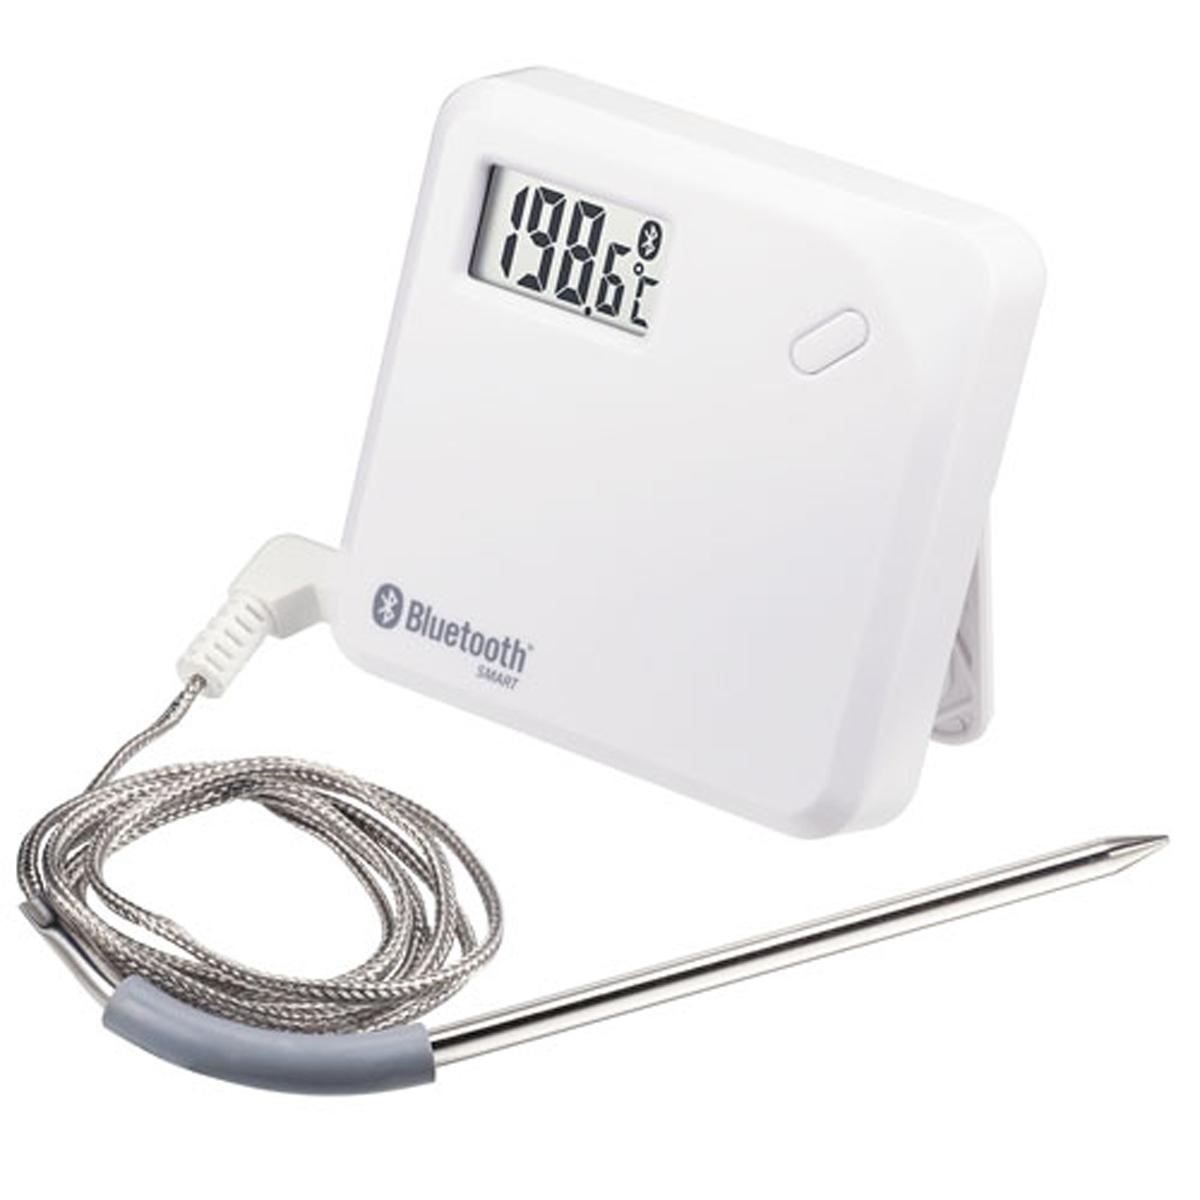 無線 ステンレスプロープ 温度ロガー CT-621BT 6-0553-0401【厨房用品 調理小物 温度計 湿度計 業務用 販売 通販】[10P03Dec16]